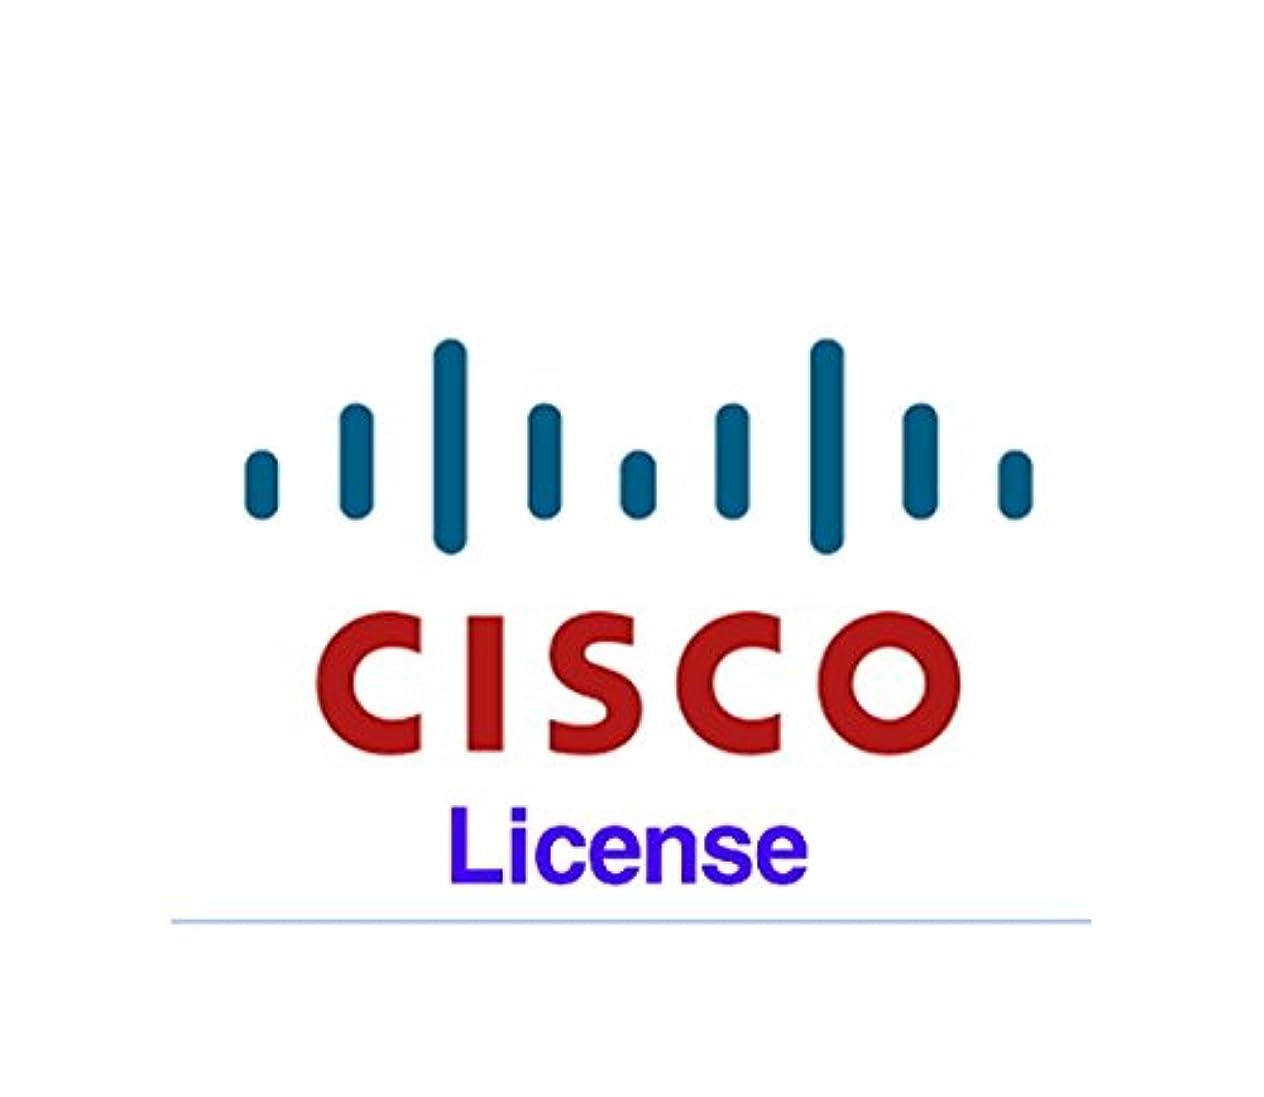 ブリーフケーステニス早い(シスコ)CISCO LIC-CM-DL-10= コールマネージャー デバイス ライセンス - 10 ユニット 電子メール配送 (並行輸入品) dattonuri